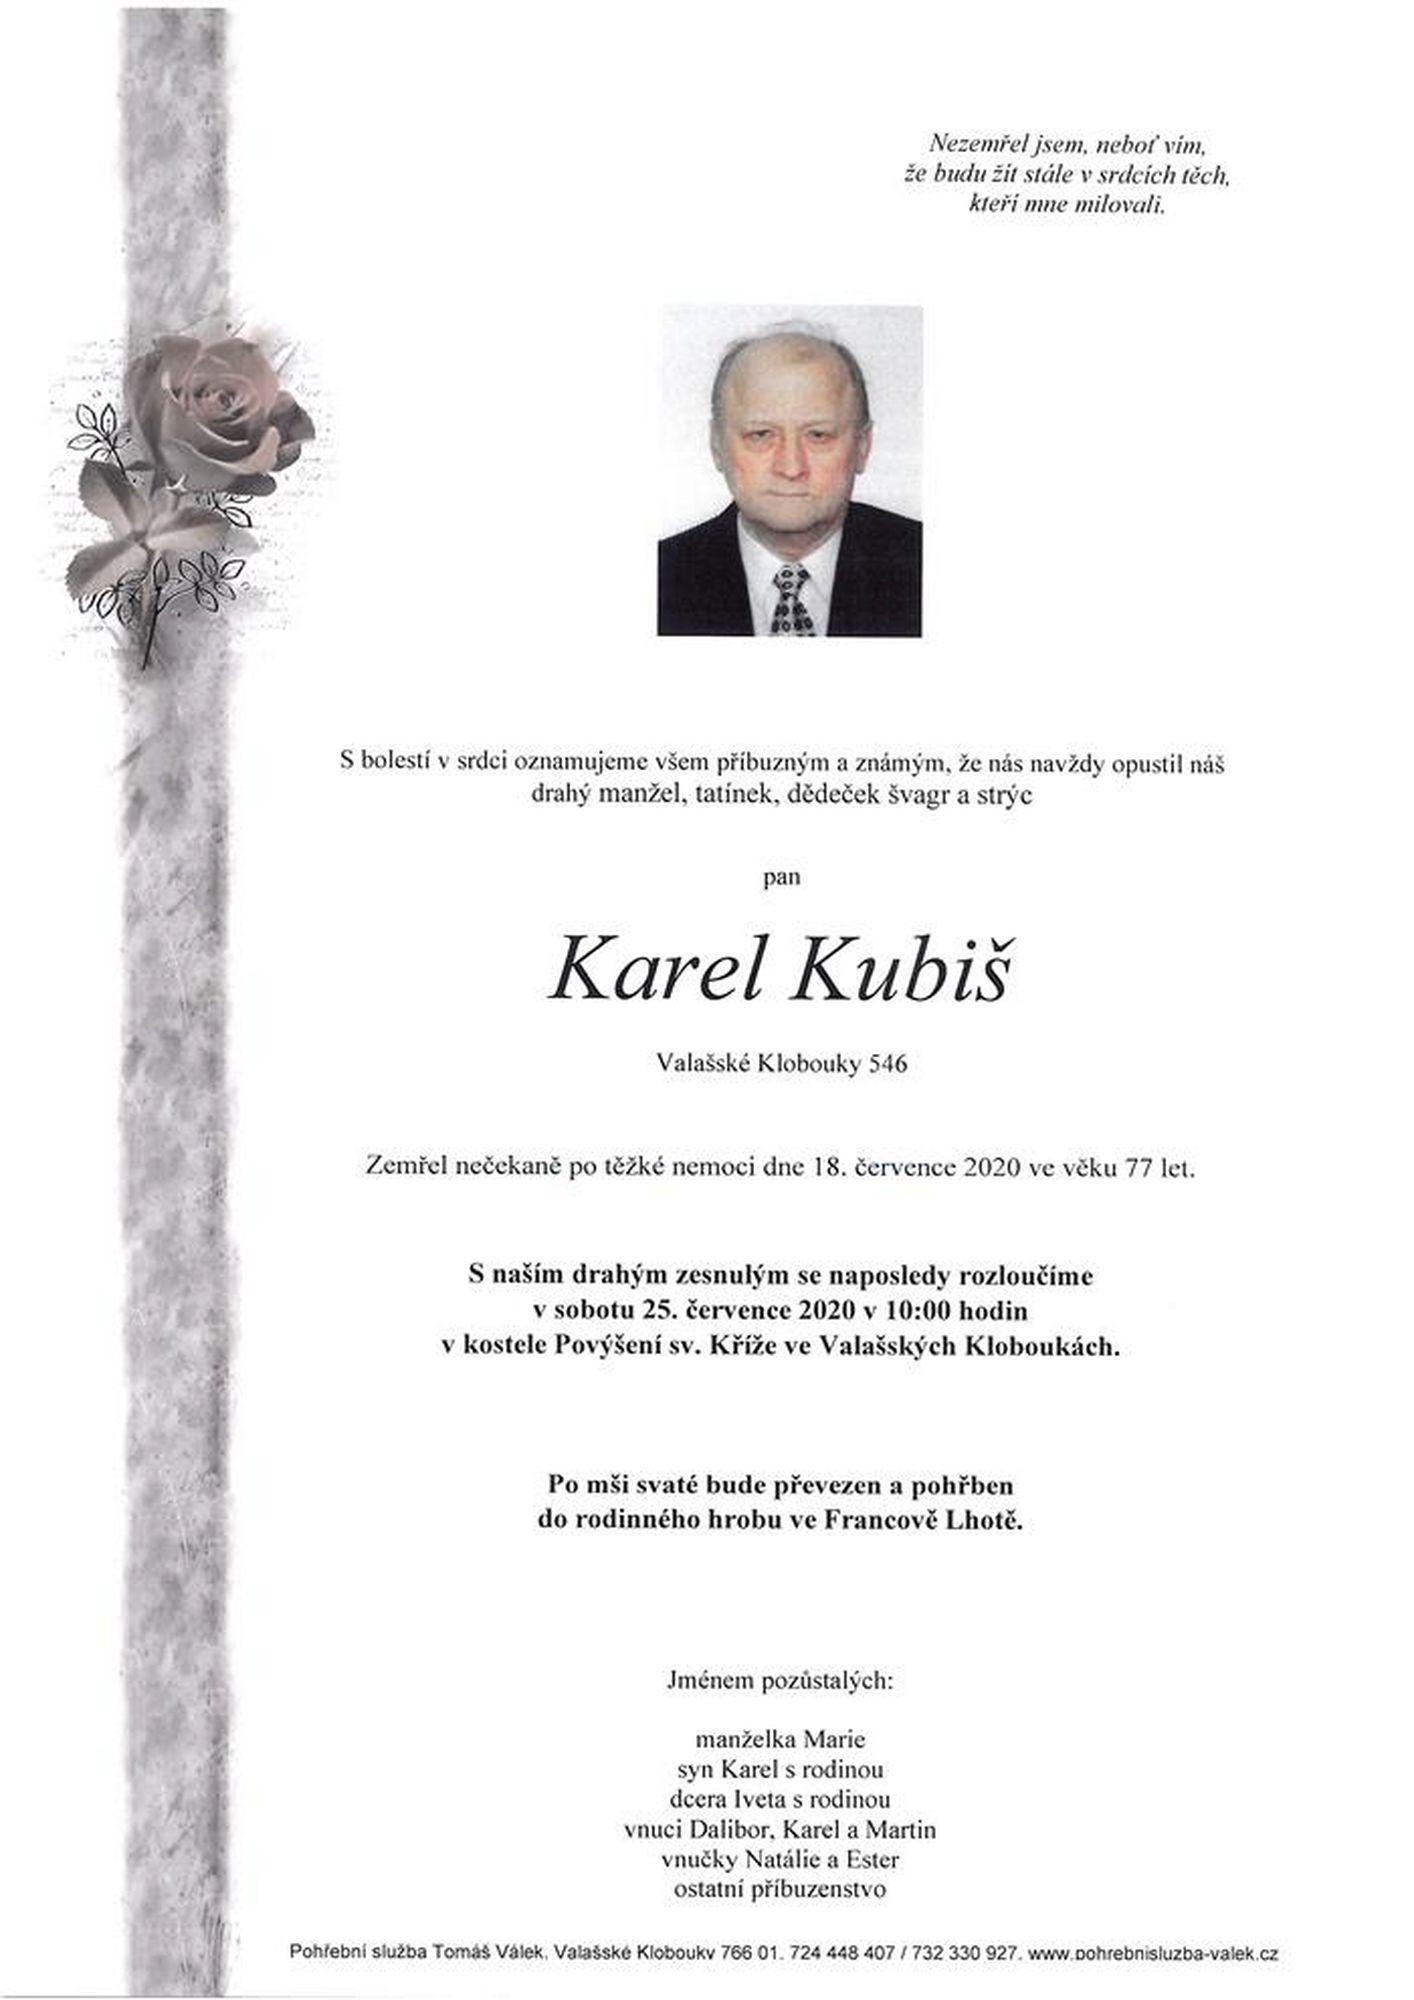 Karel Kubiš